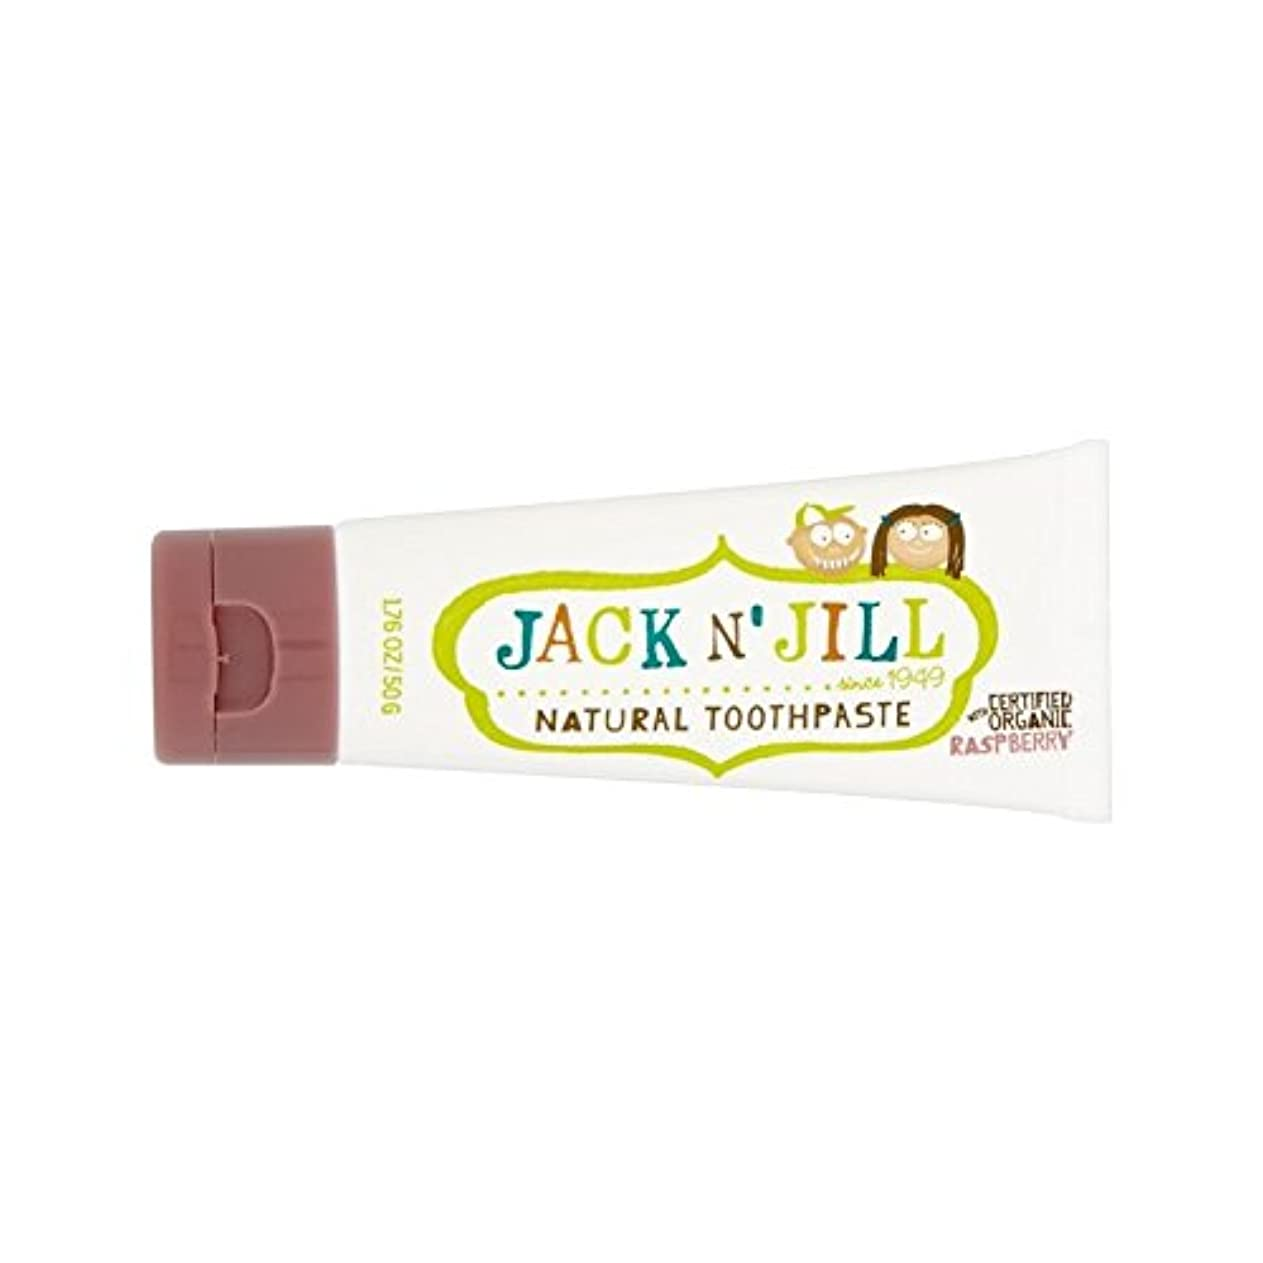 石鹸解釈する刺します有機香味50グラム天然ラズベリー歯磨き粉 (Jack N Jill) (x 6) - Jack N' Jill Raspberry Toothpaste Natural with Organic Flavouring 50g (Pack of 6) [並行輸入品]